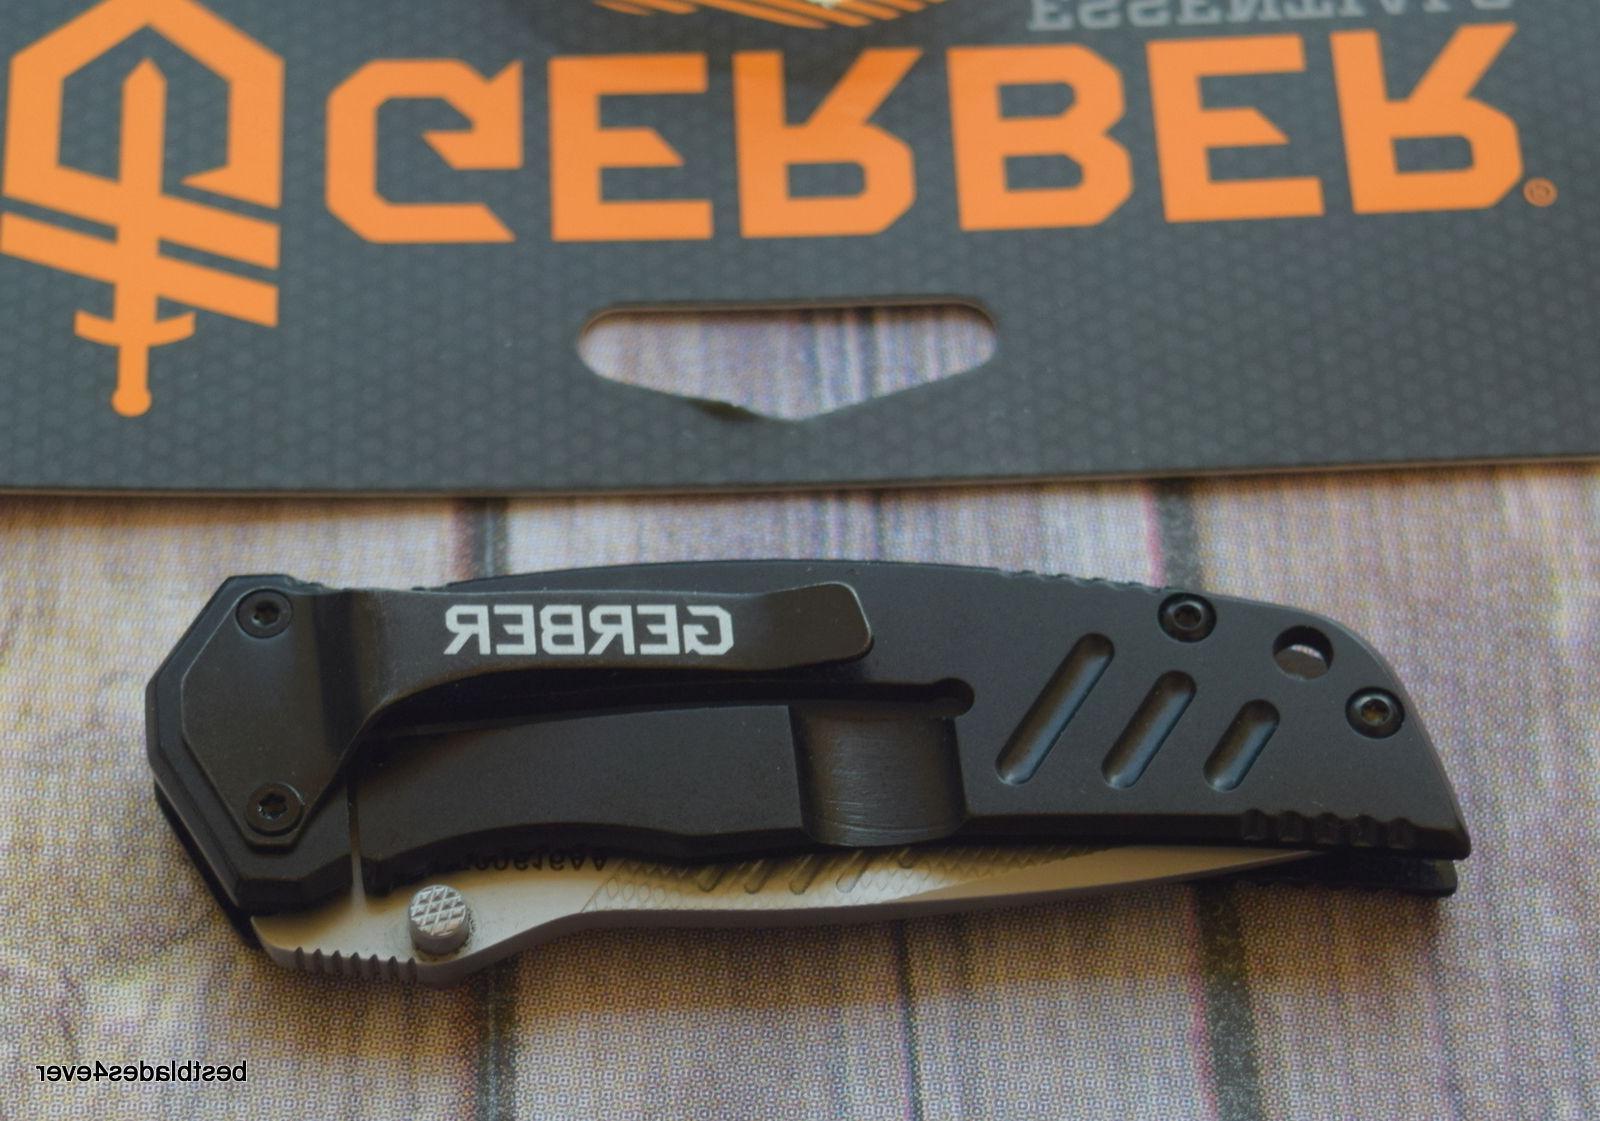 6.2 GERBER G-10 SWAGGER FRAME-LOCK